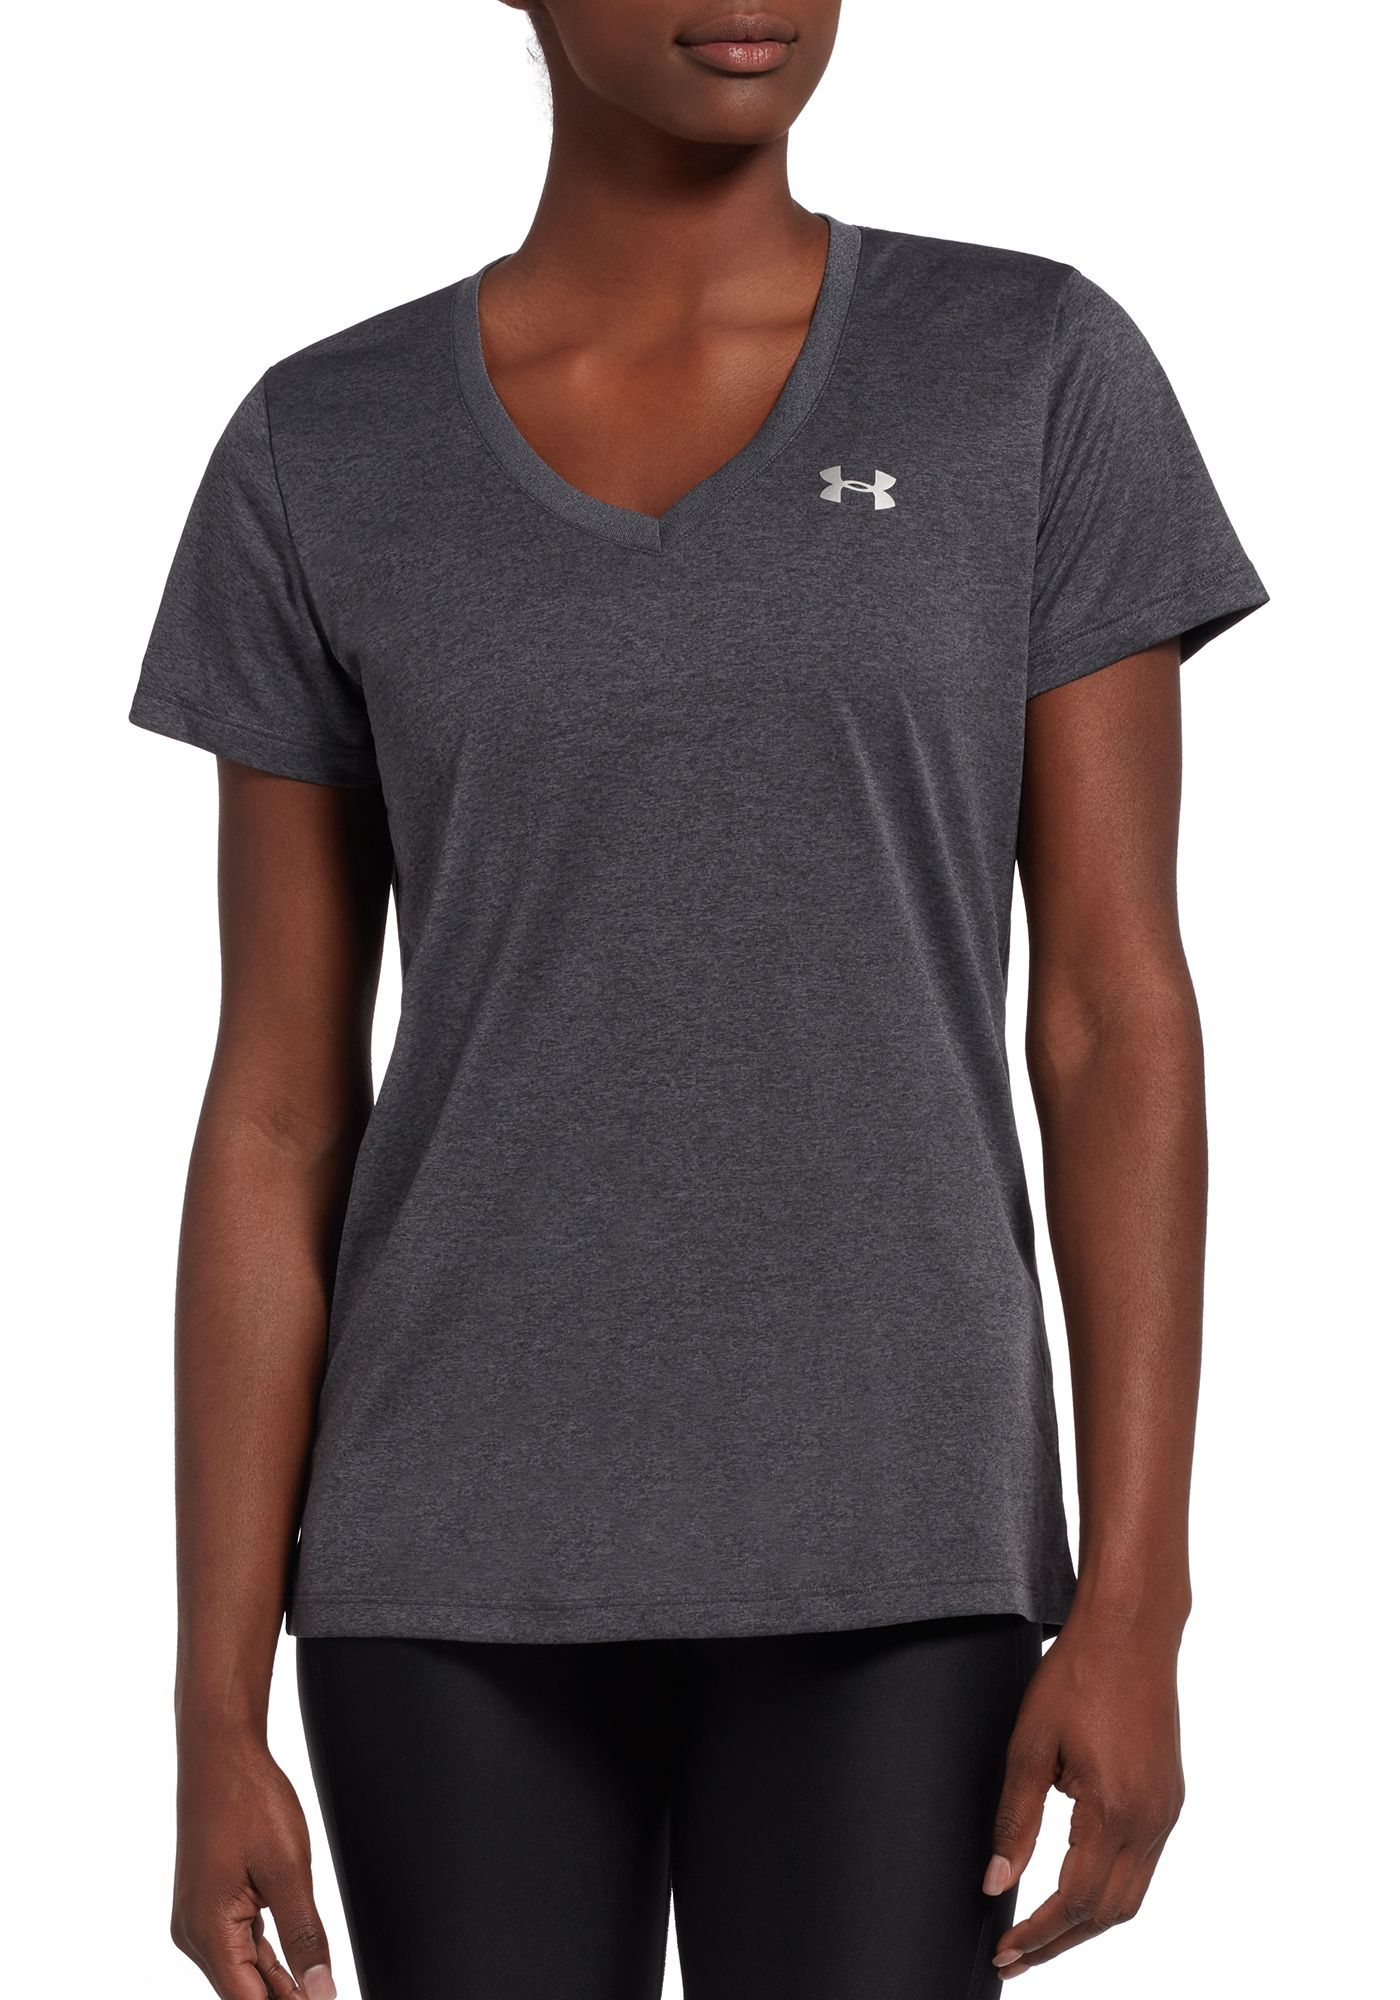 Under Armour Women's Tech V-Neck Shirt